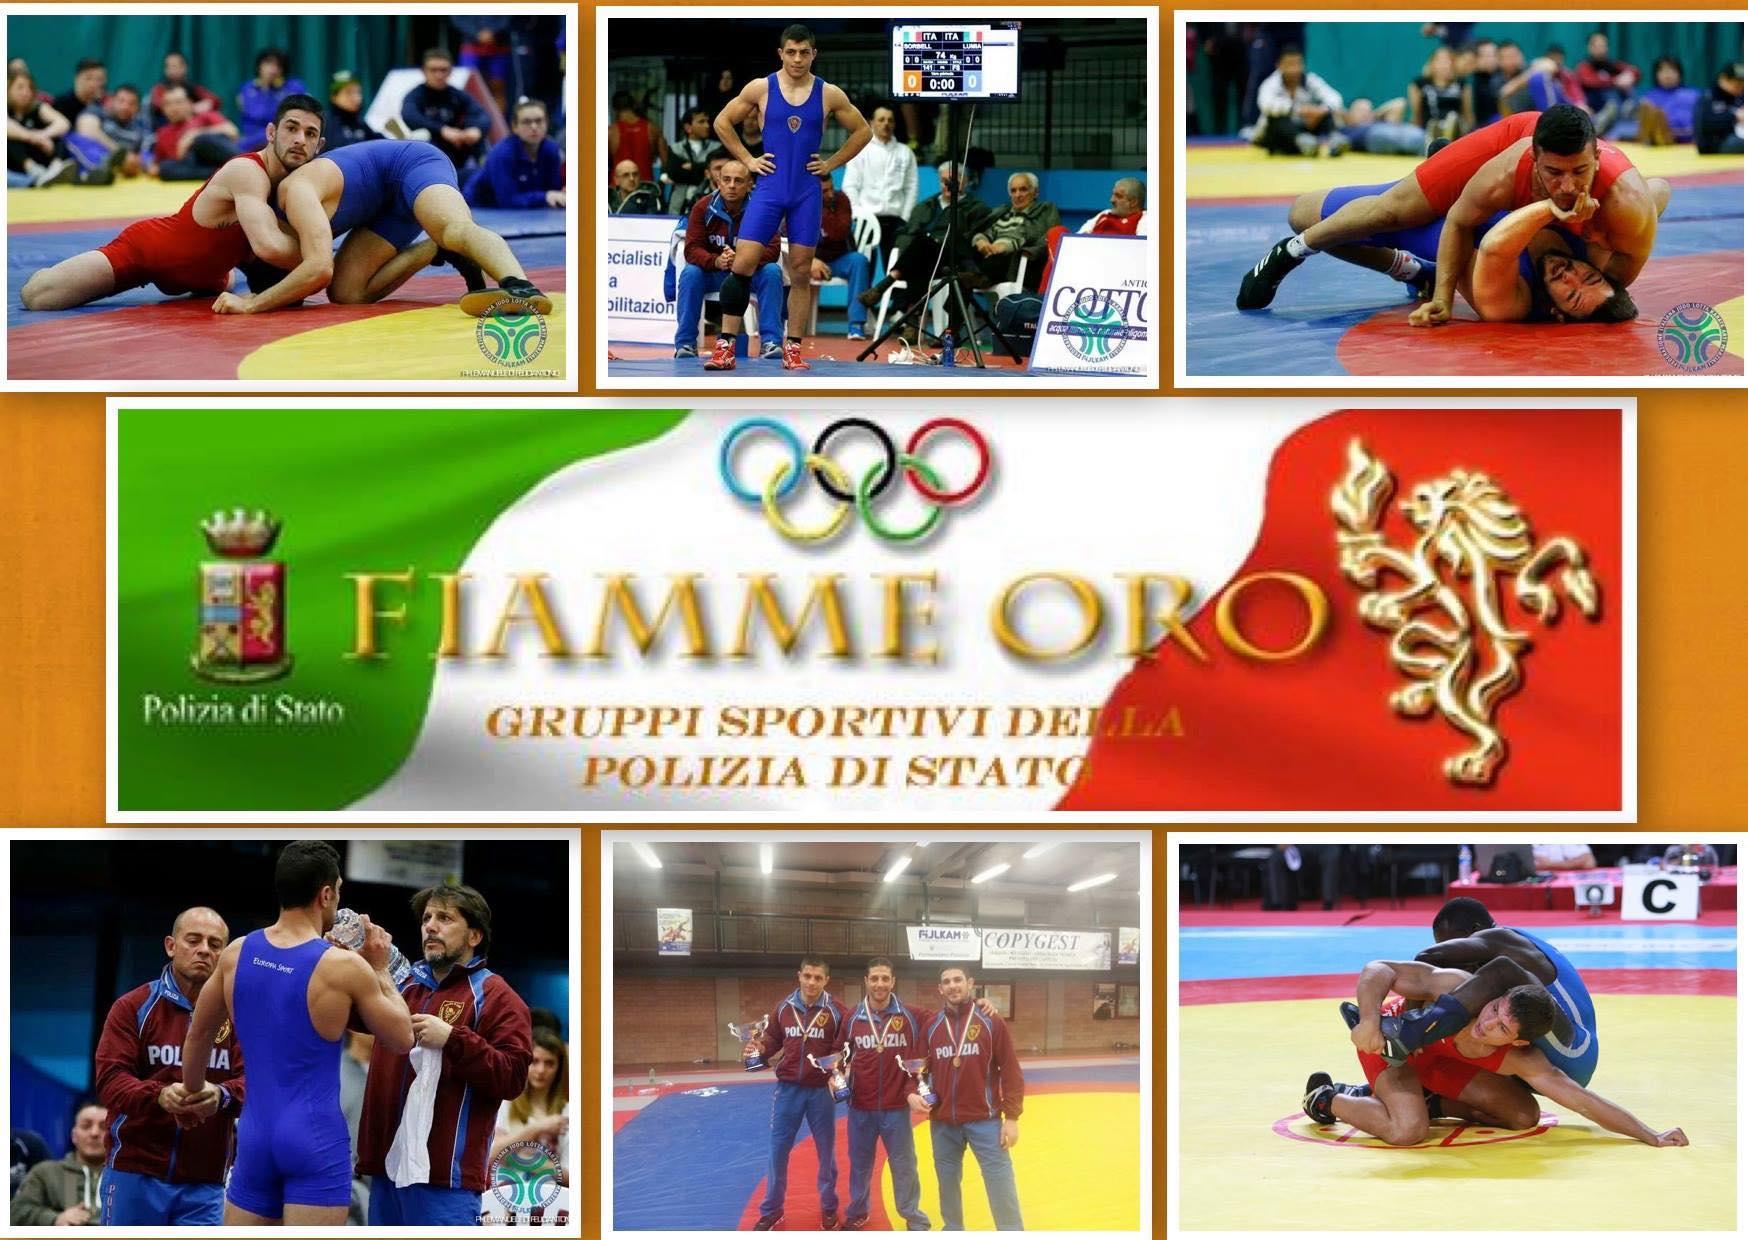 Seminario di lotta olimpia con il Maestro Salvatore Finizio 2